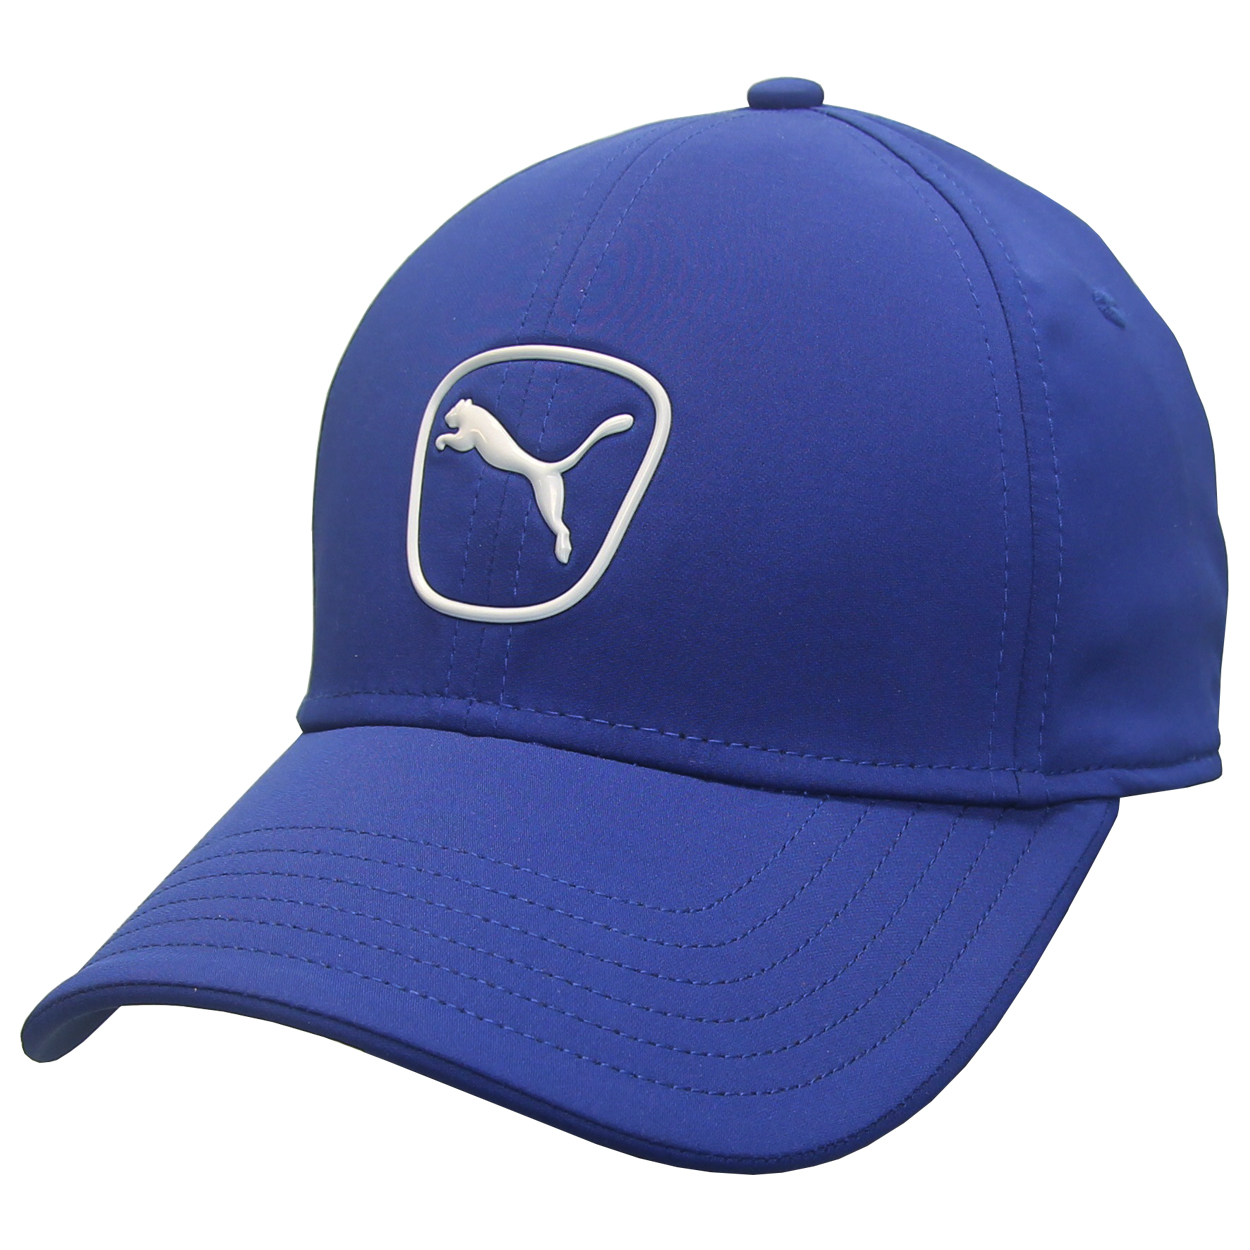 Pumahat 8303 blue front 0418